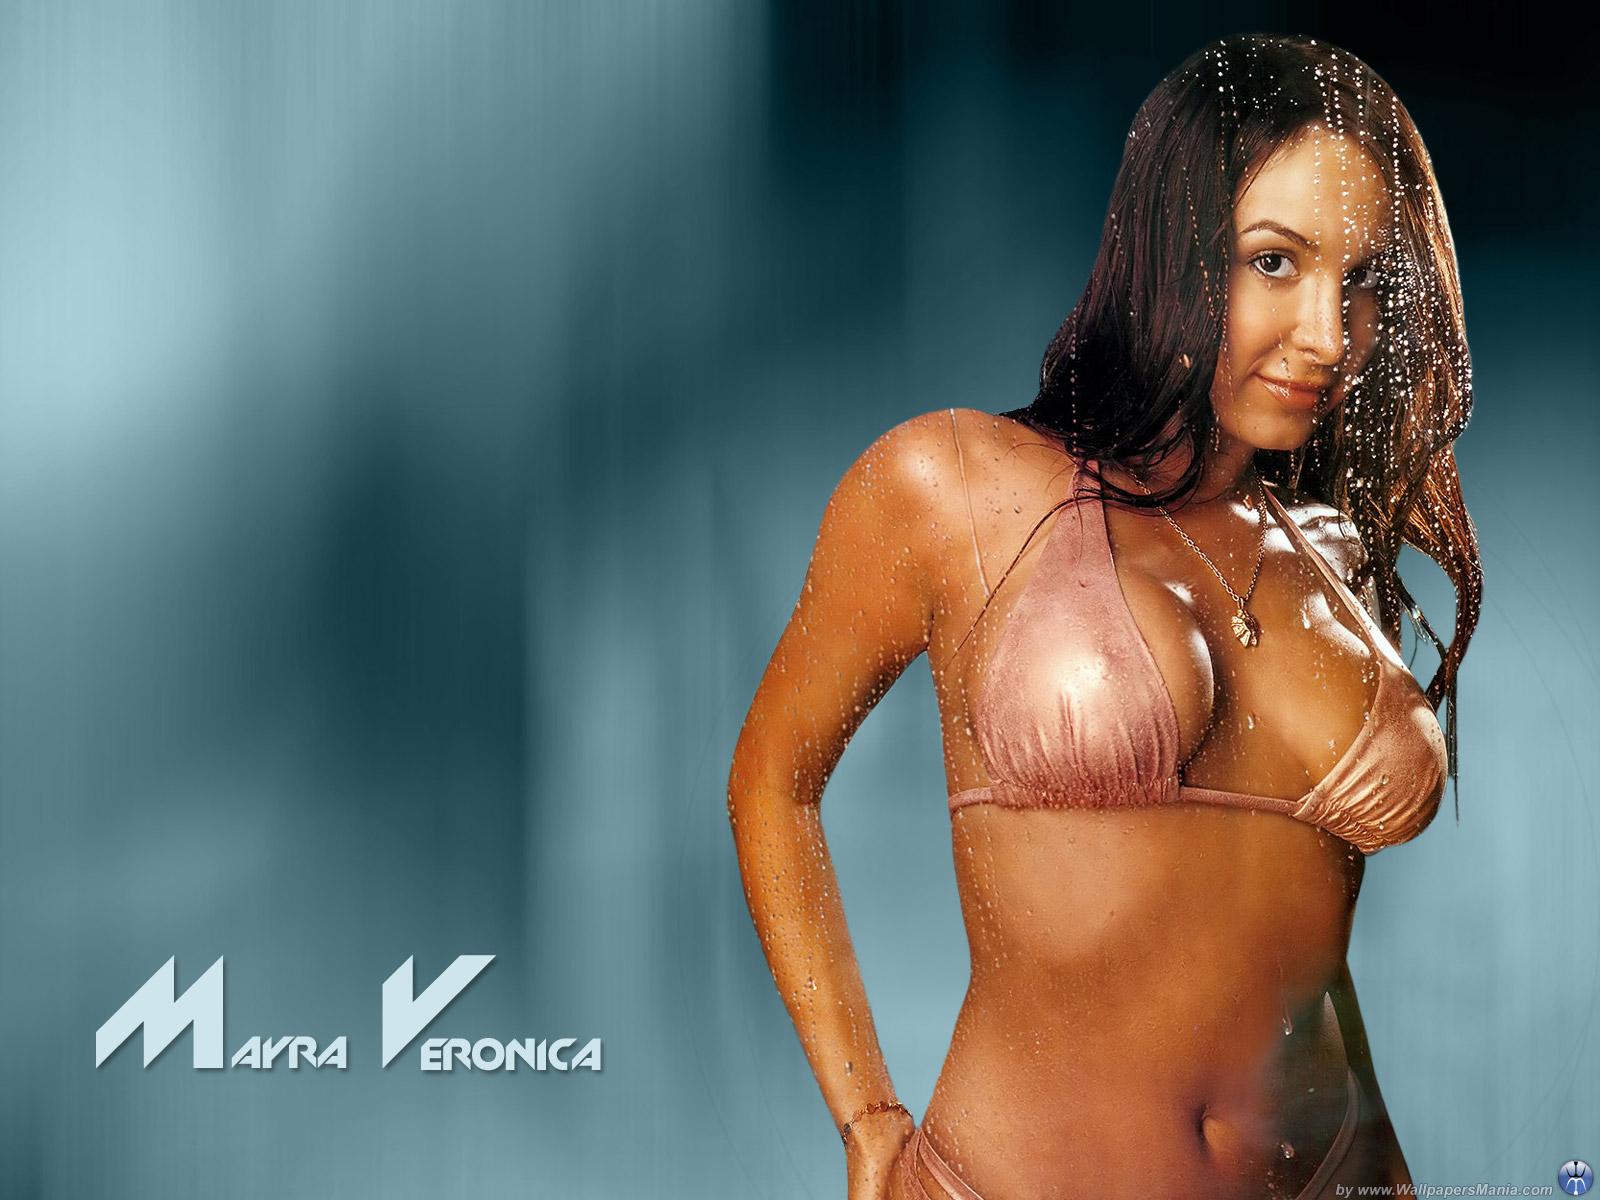 http://3.bp.blogspot.com/_W40QLPbCeXw/TO_IMMJ1hDI/AAAAAAAACk0/sKnIlZdFao4/s1600/Desktop+Women+-+HQ+Wallpaper+144_Mayra-Veronica.jpg